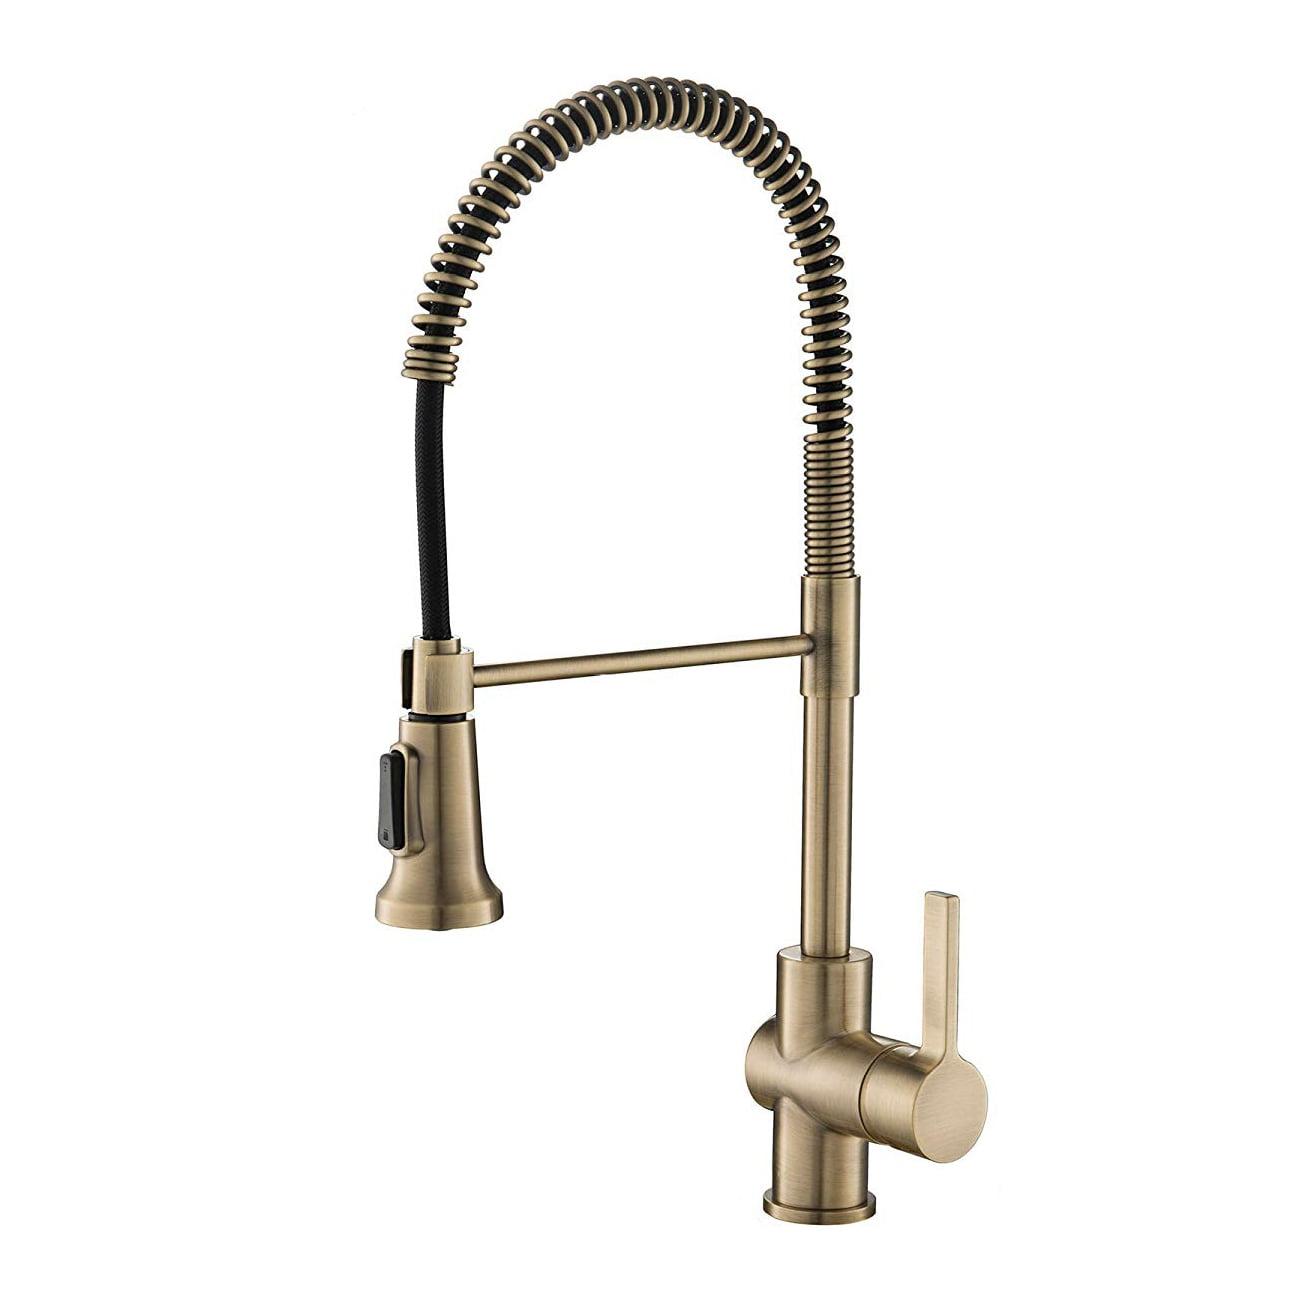 Kraus Britt Single Handle Commercial Kitchen Sink Faucet Antique Brass Finish Walmart Com Walmart Com